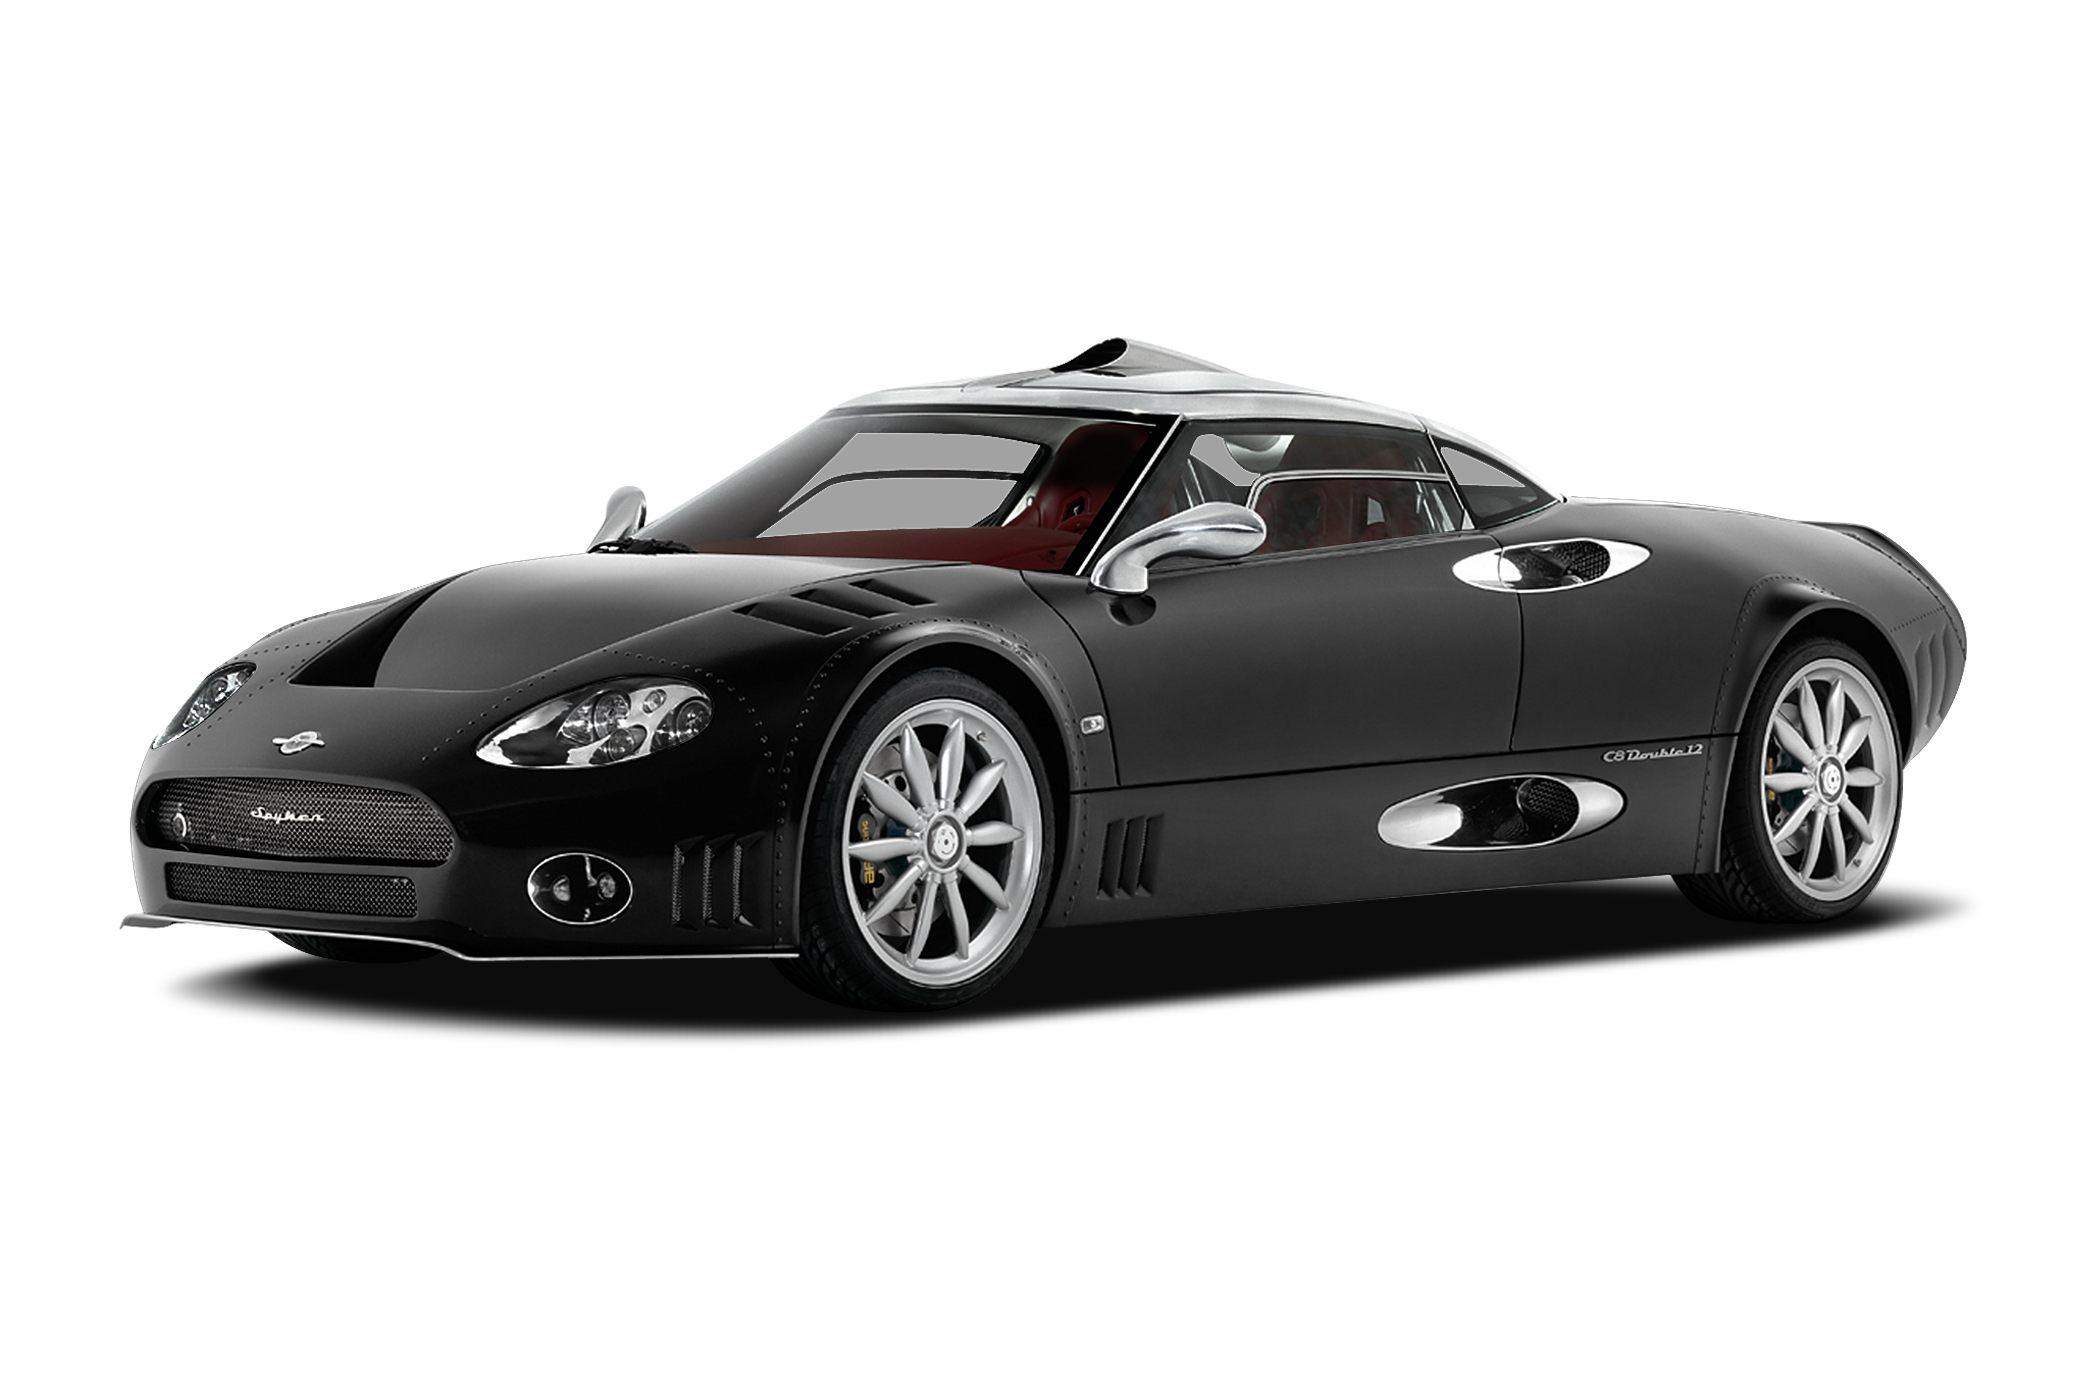 2007 Spyker C8 Double 12 S